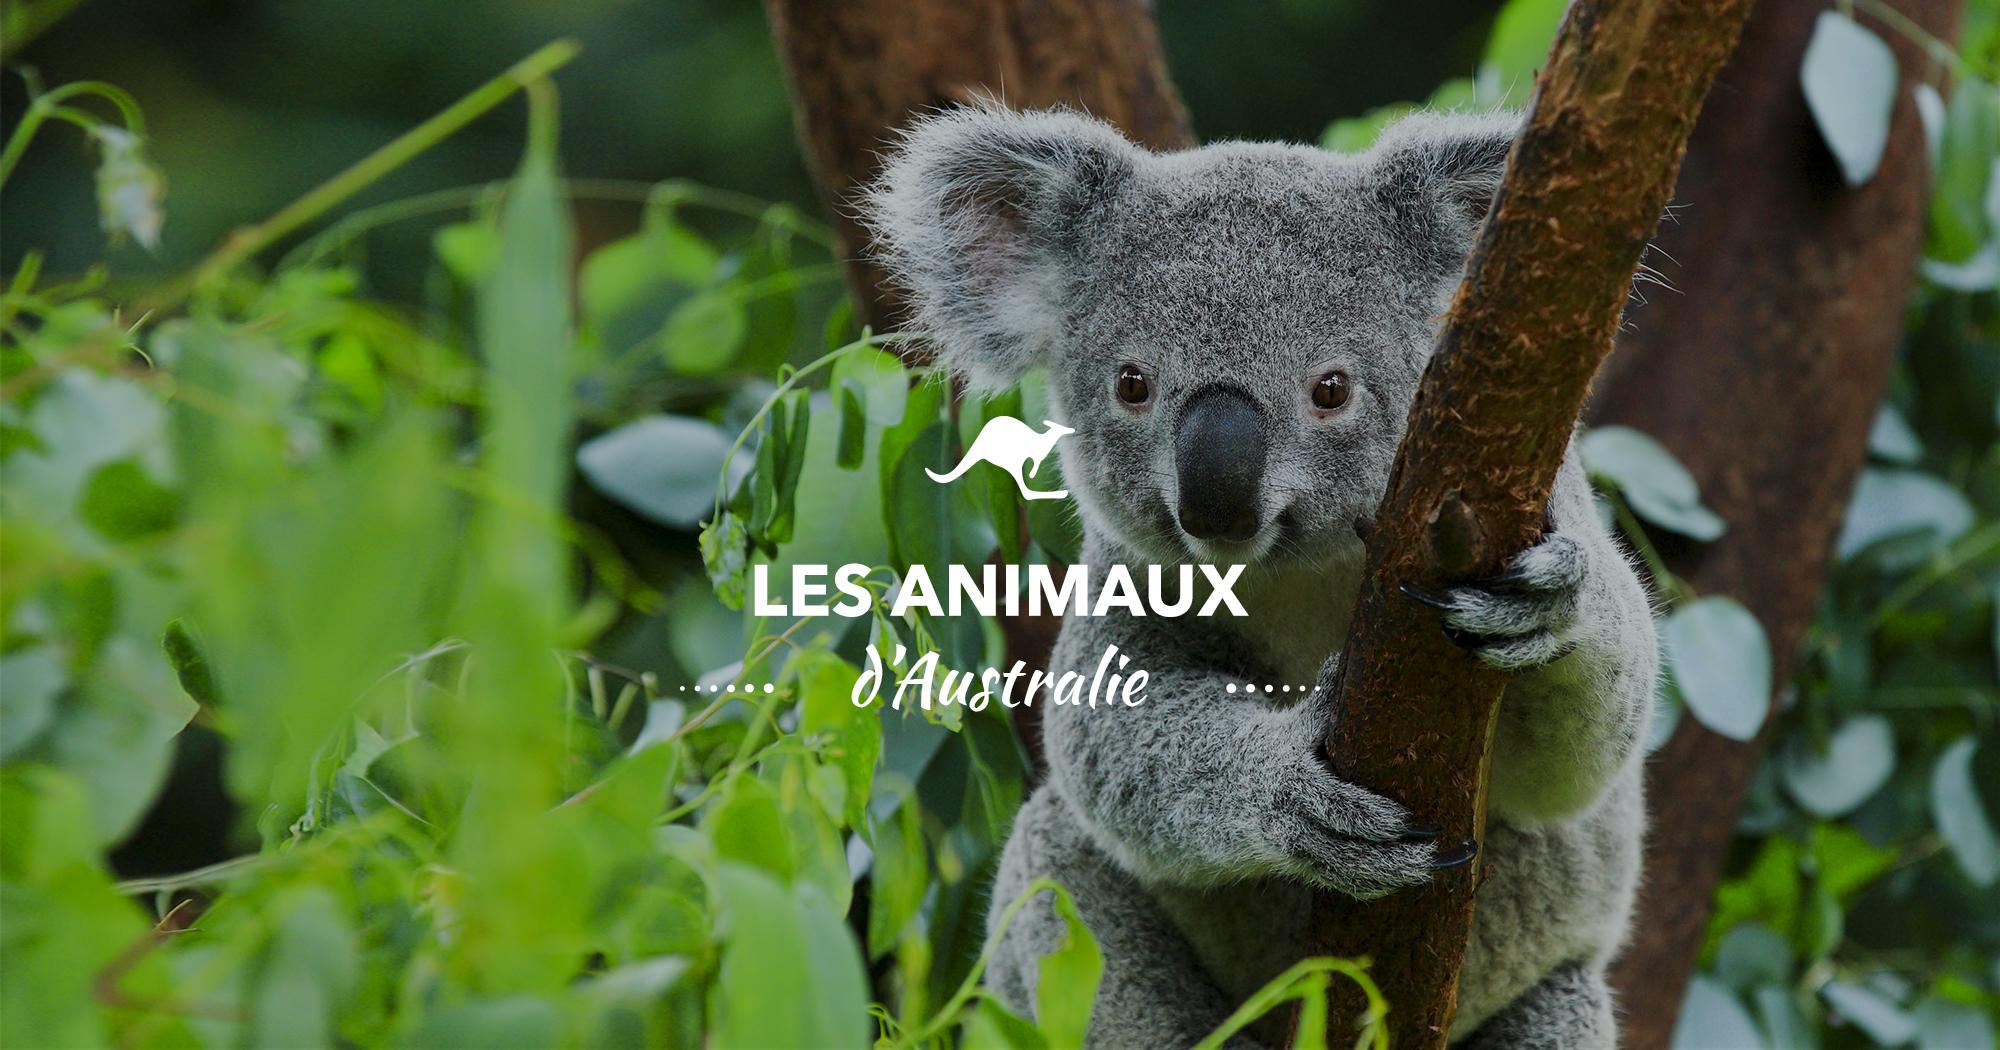 visuels-dossiers-whv-australie-les-animaux